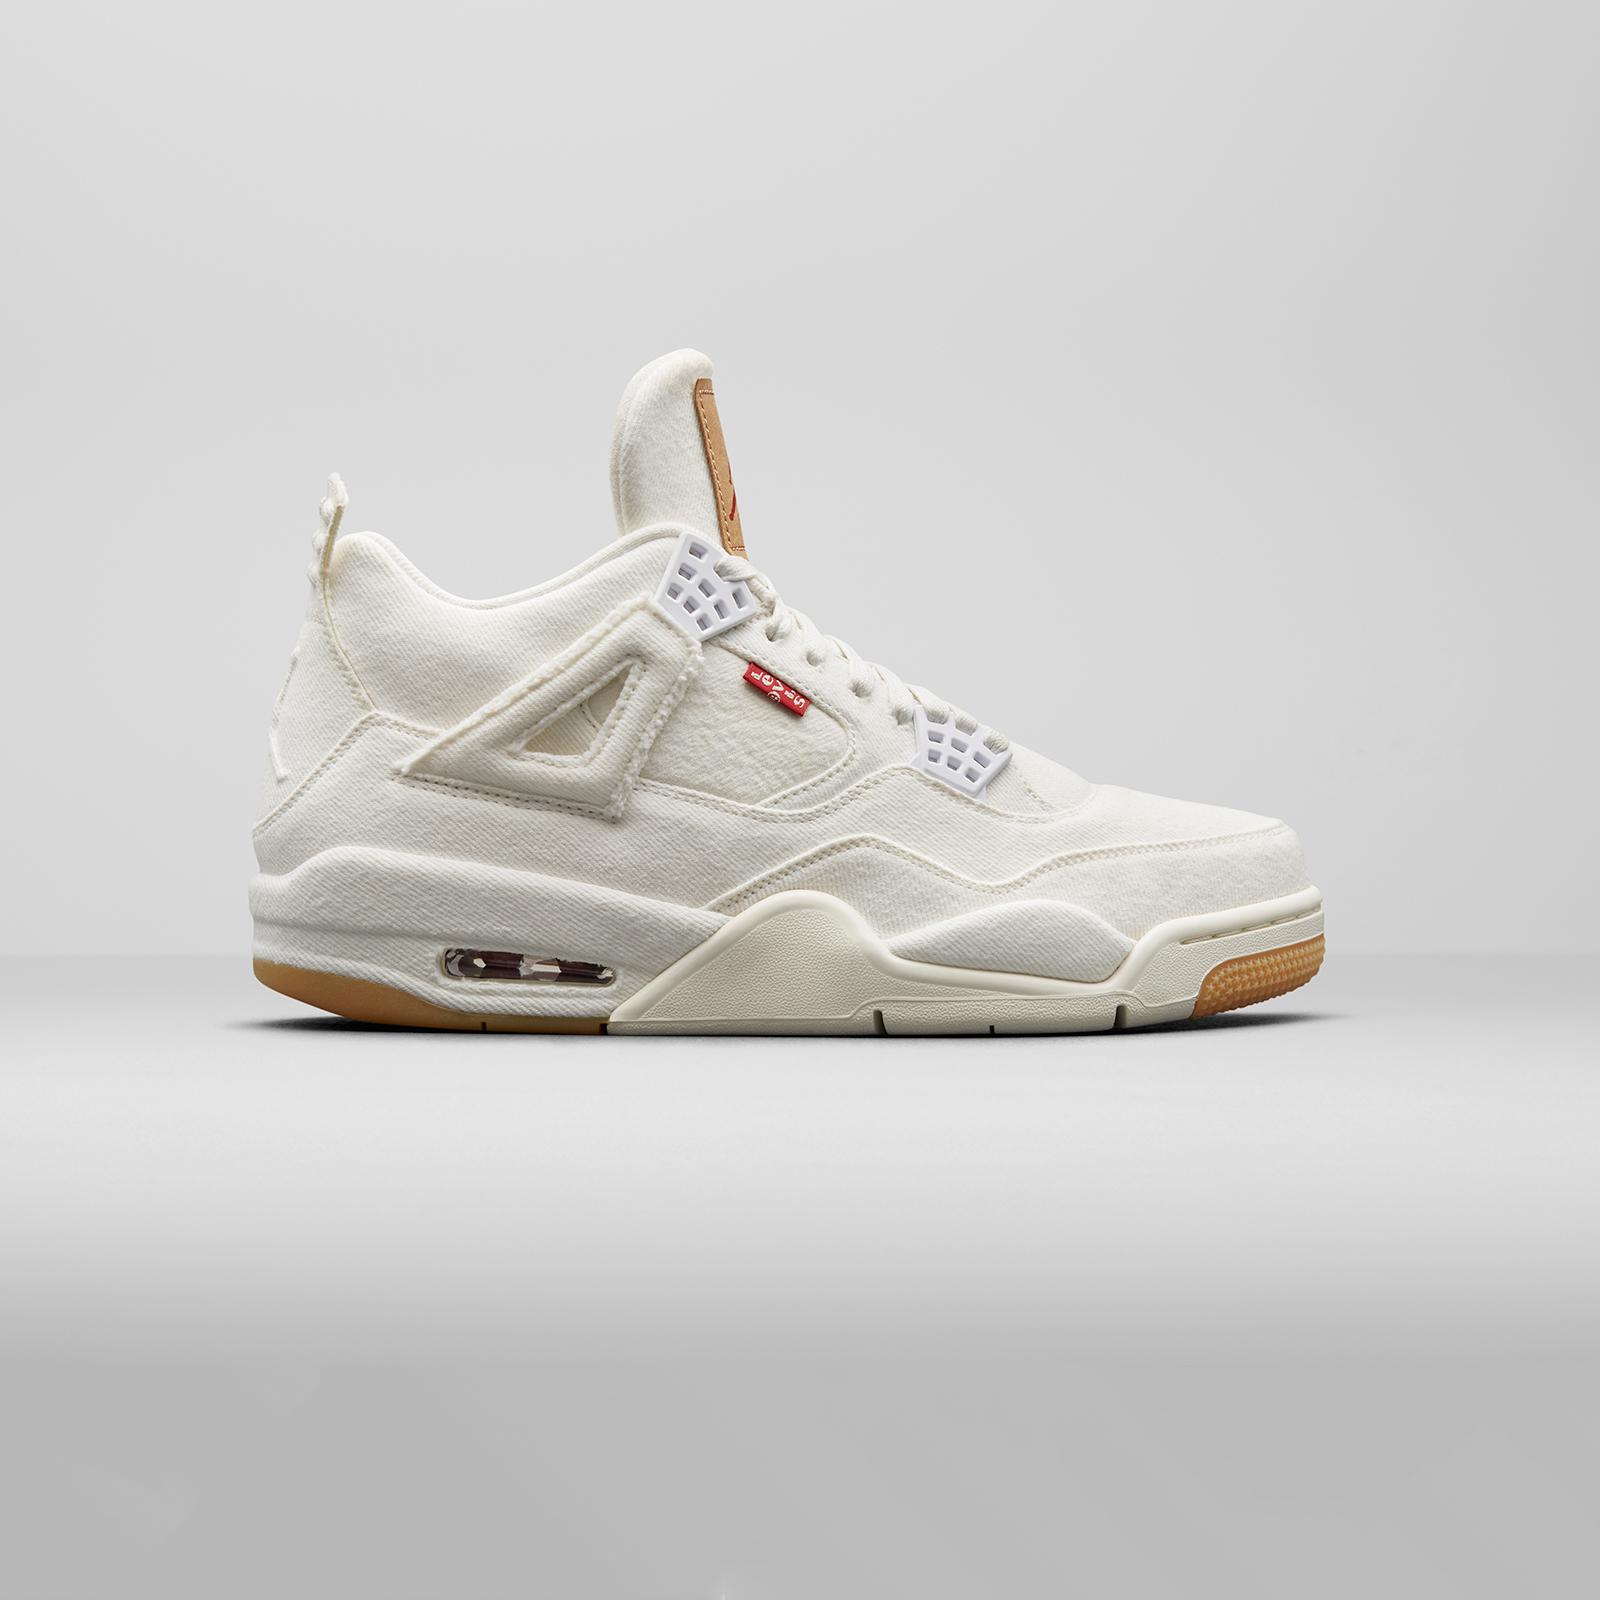 best sneakers 71dc4 304b7 Jordan Brand Air Jordan 4 Retro Levis NRG